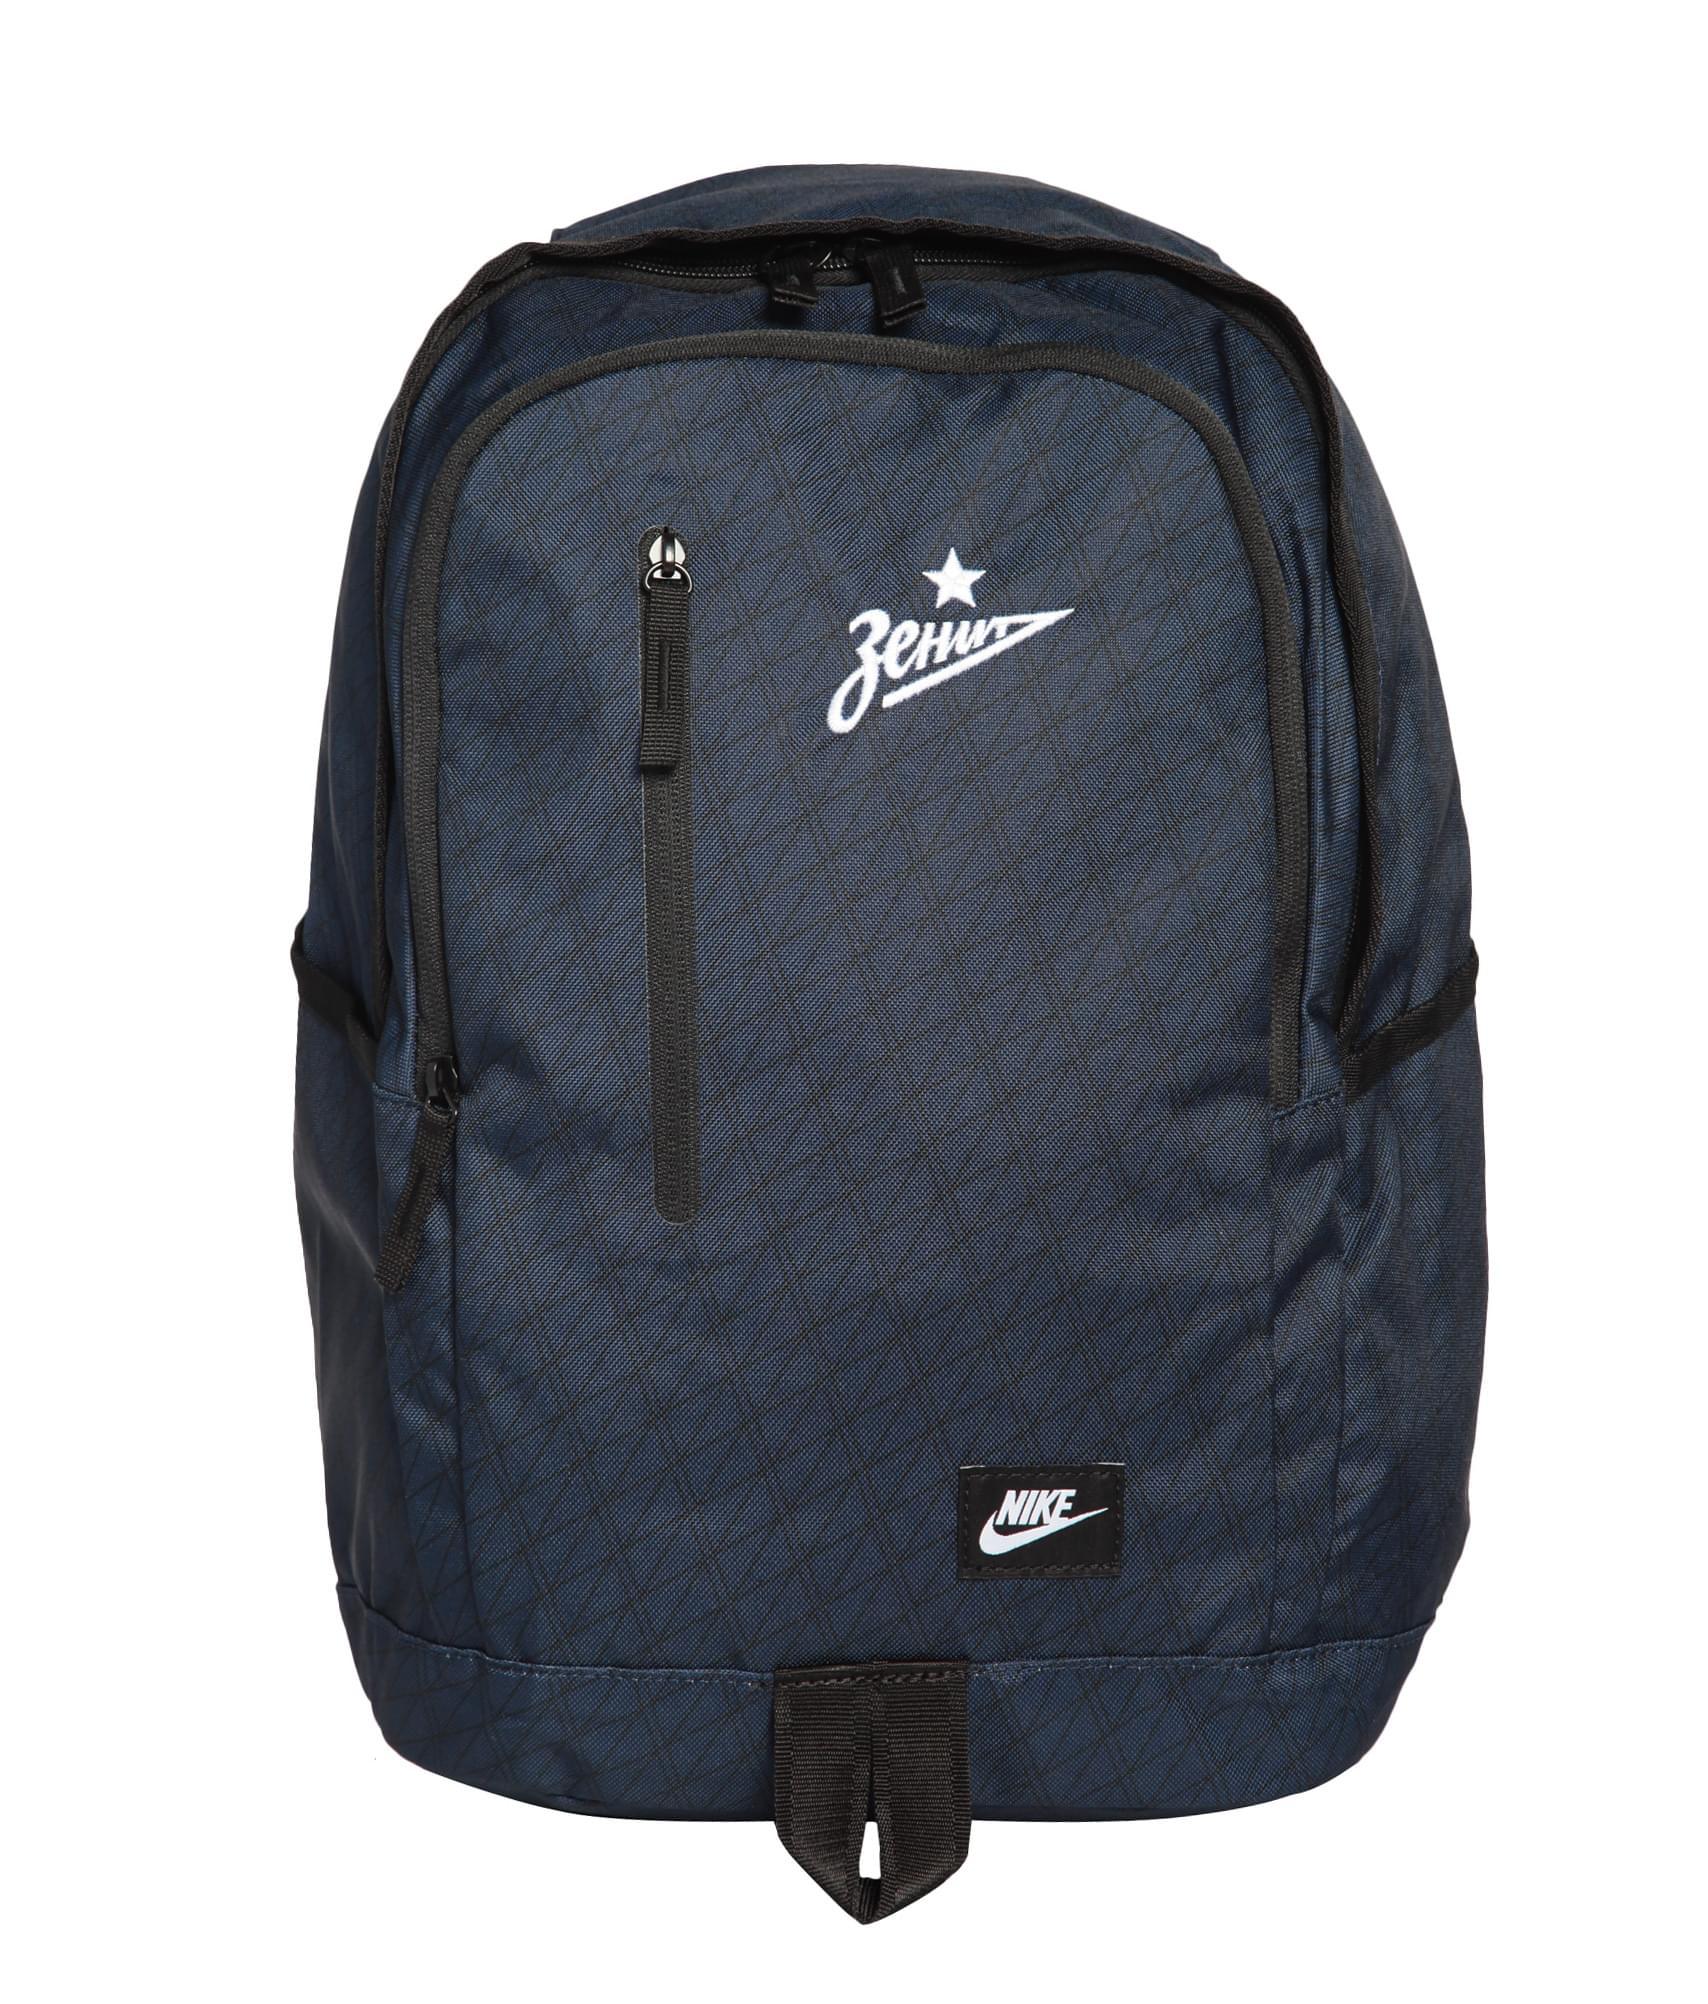 Рюкзак Nike, Цвет-Темно-Синий, Размер-MISC